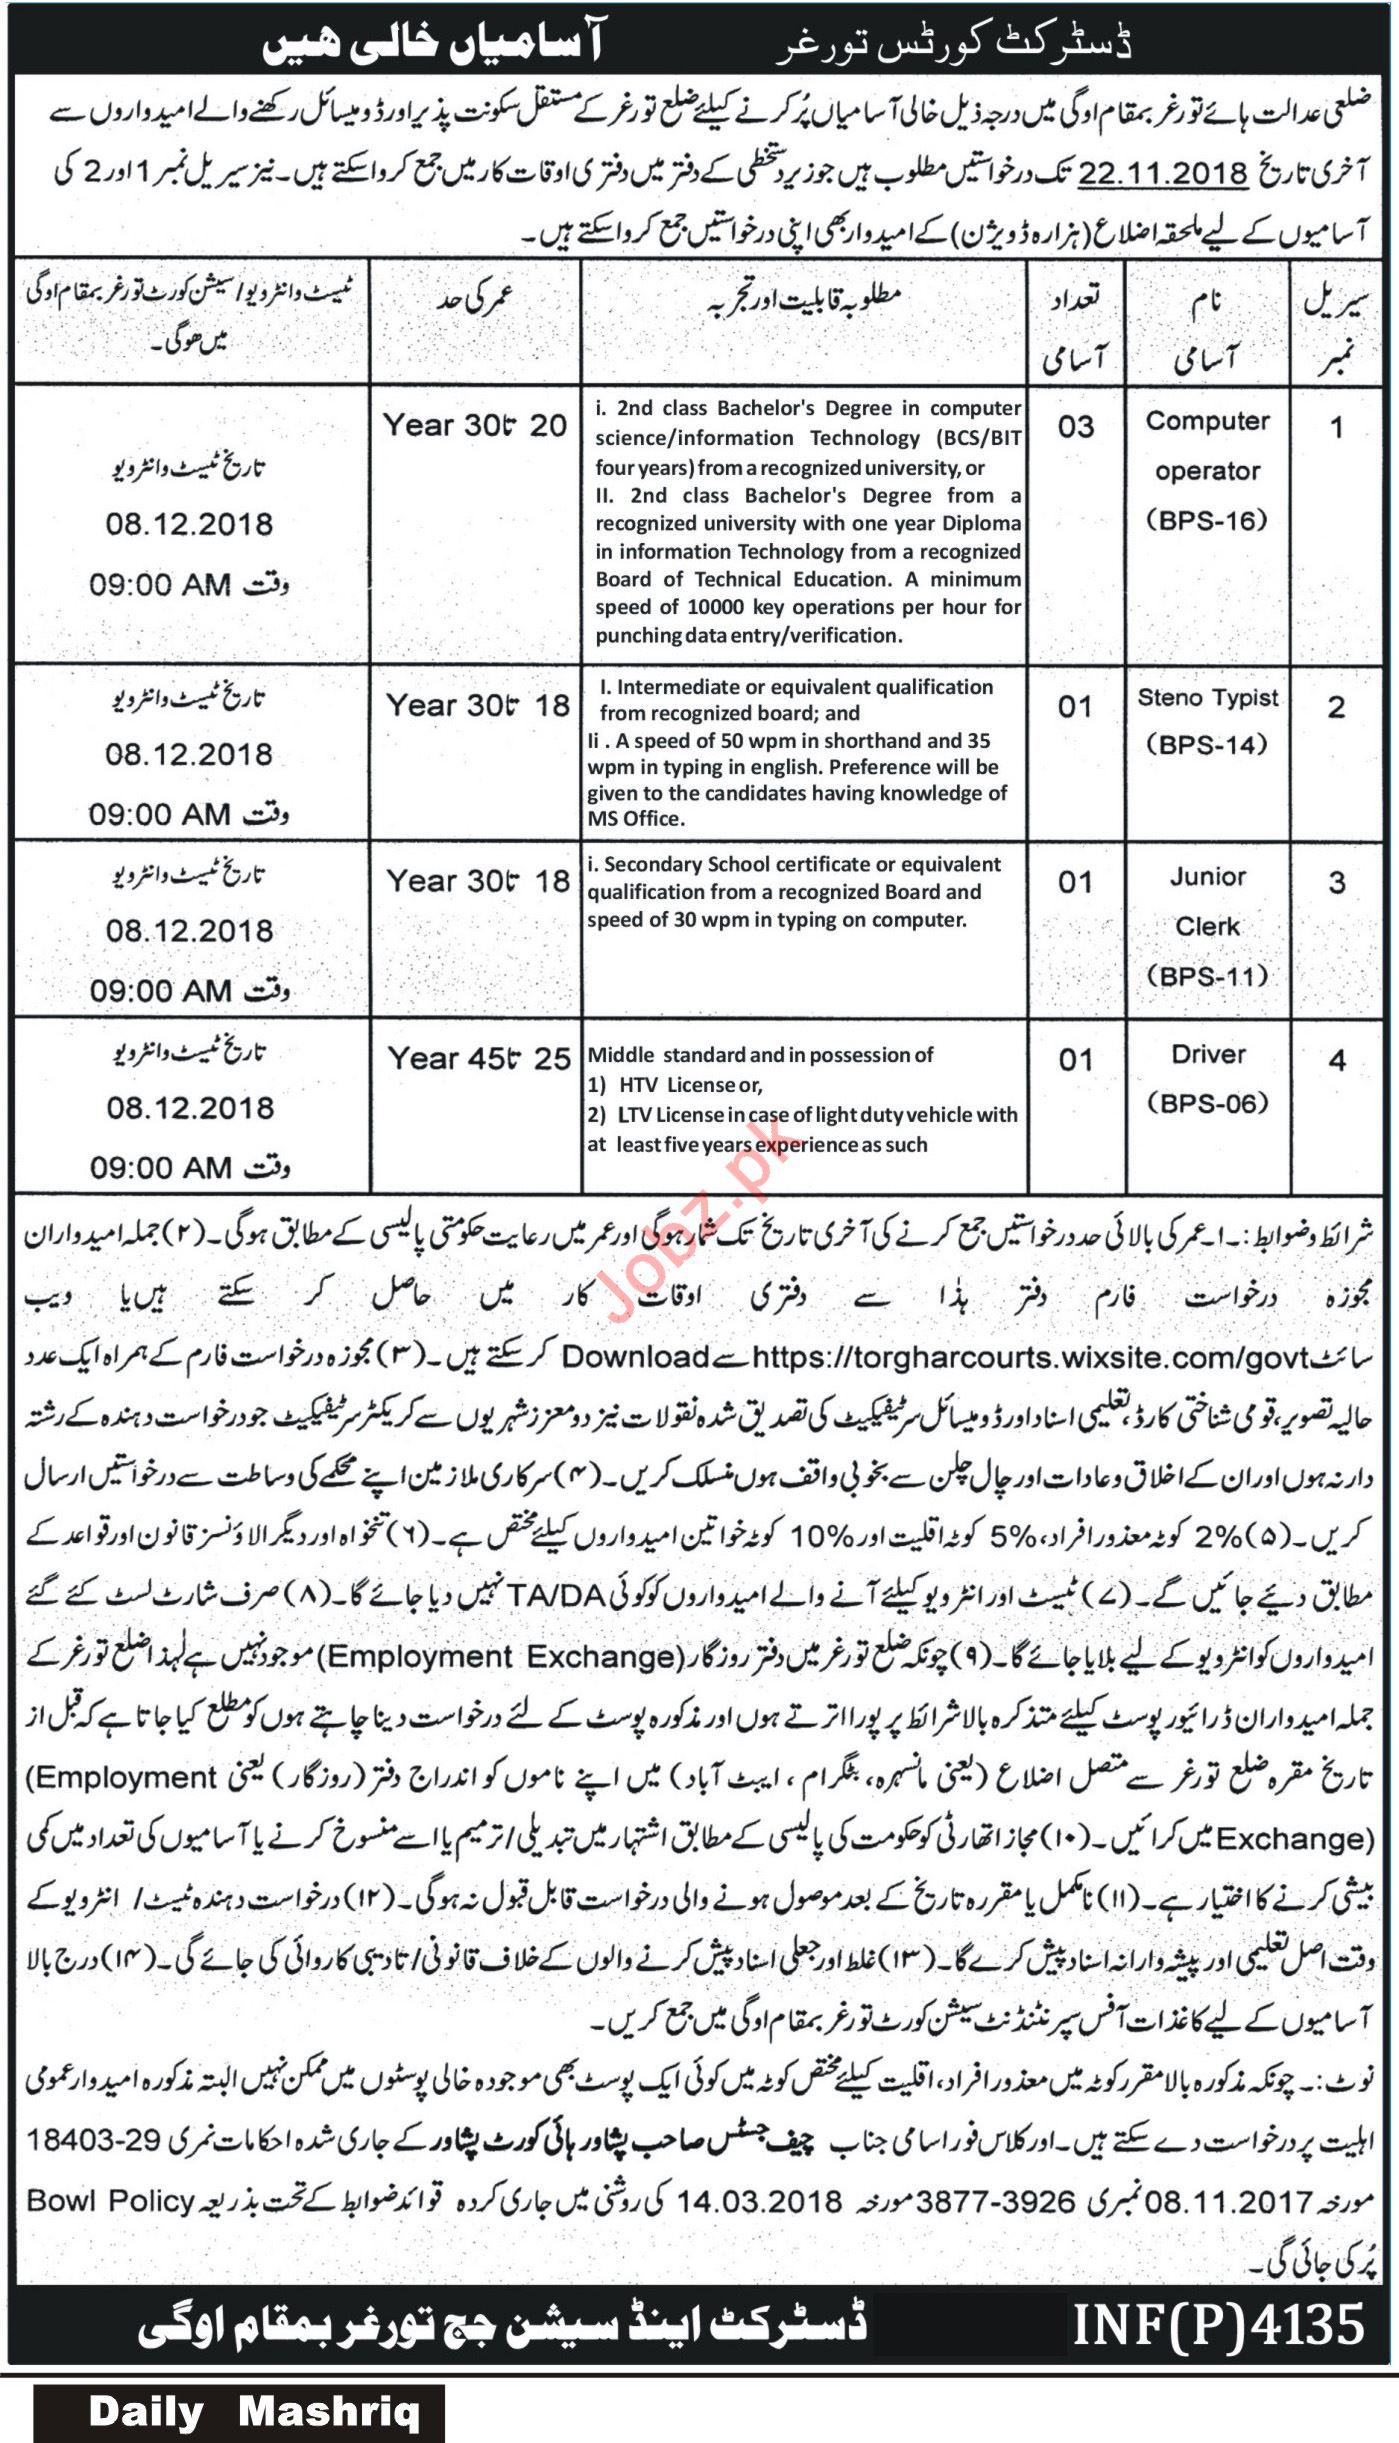 District Courts Torghar Jobs 2018 Steno Typist & Clerk